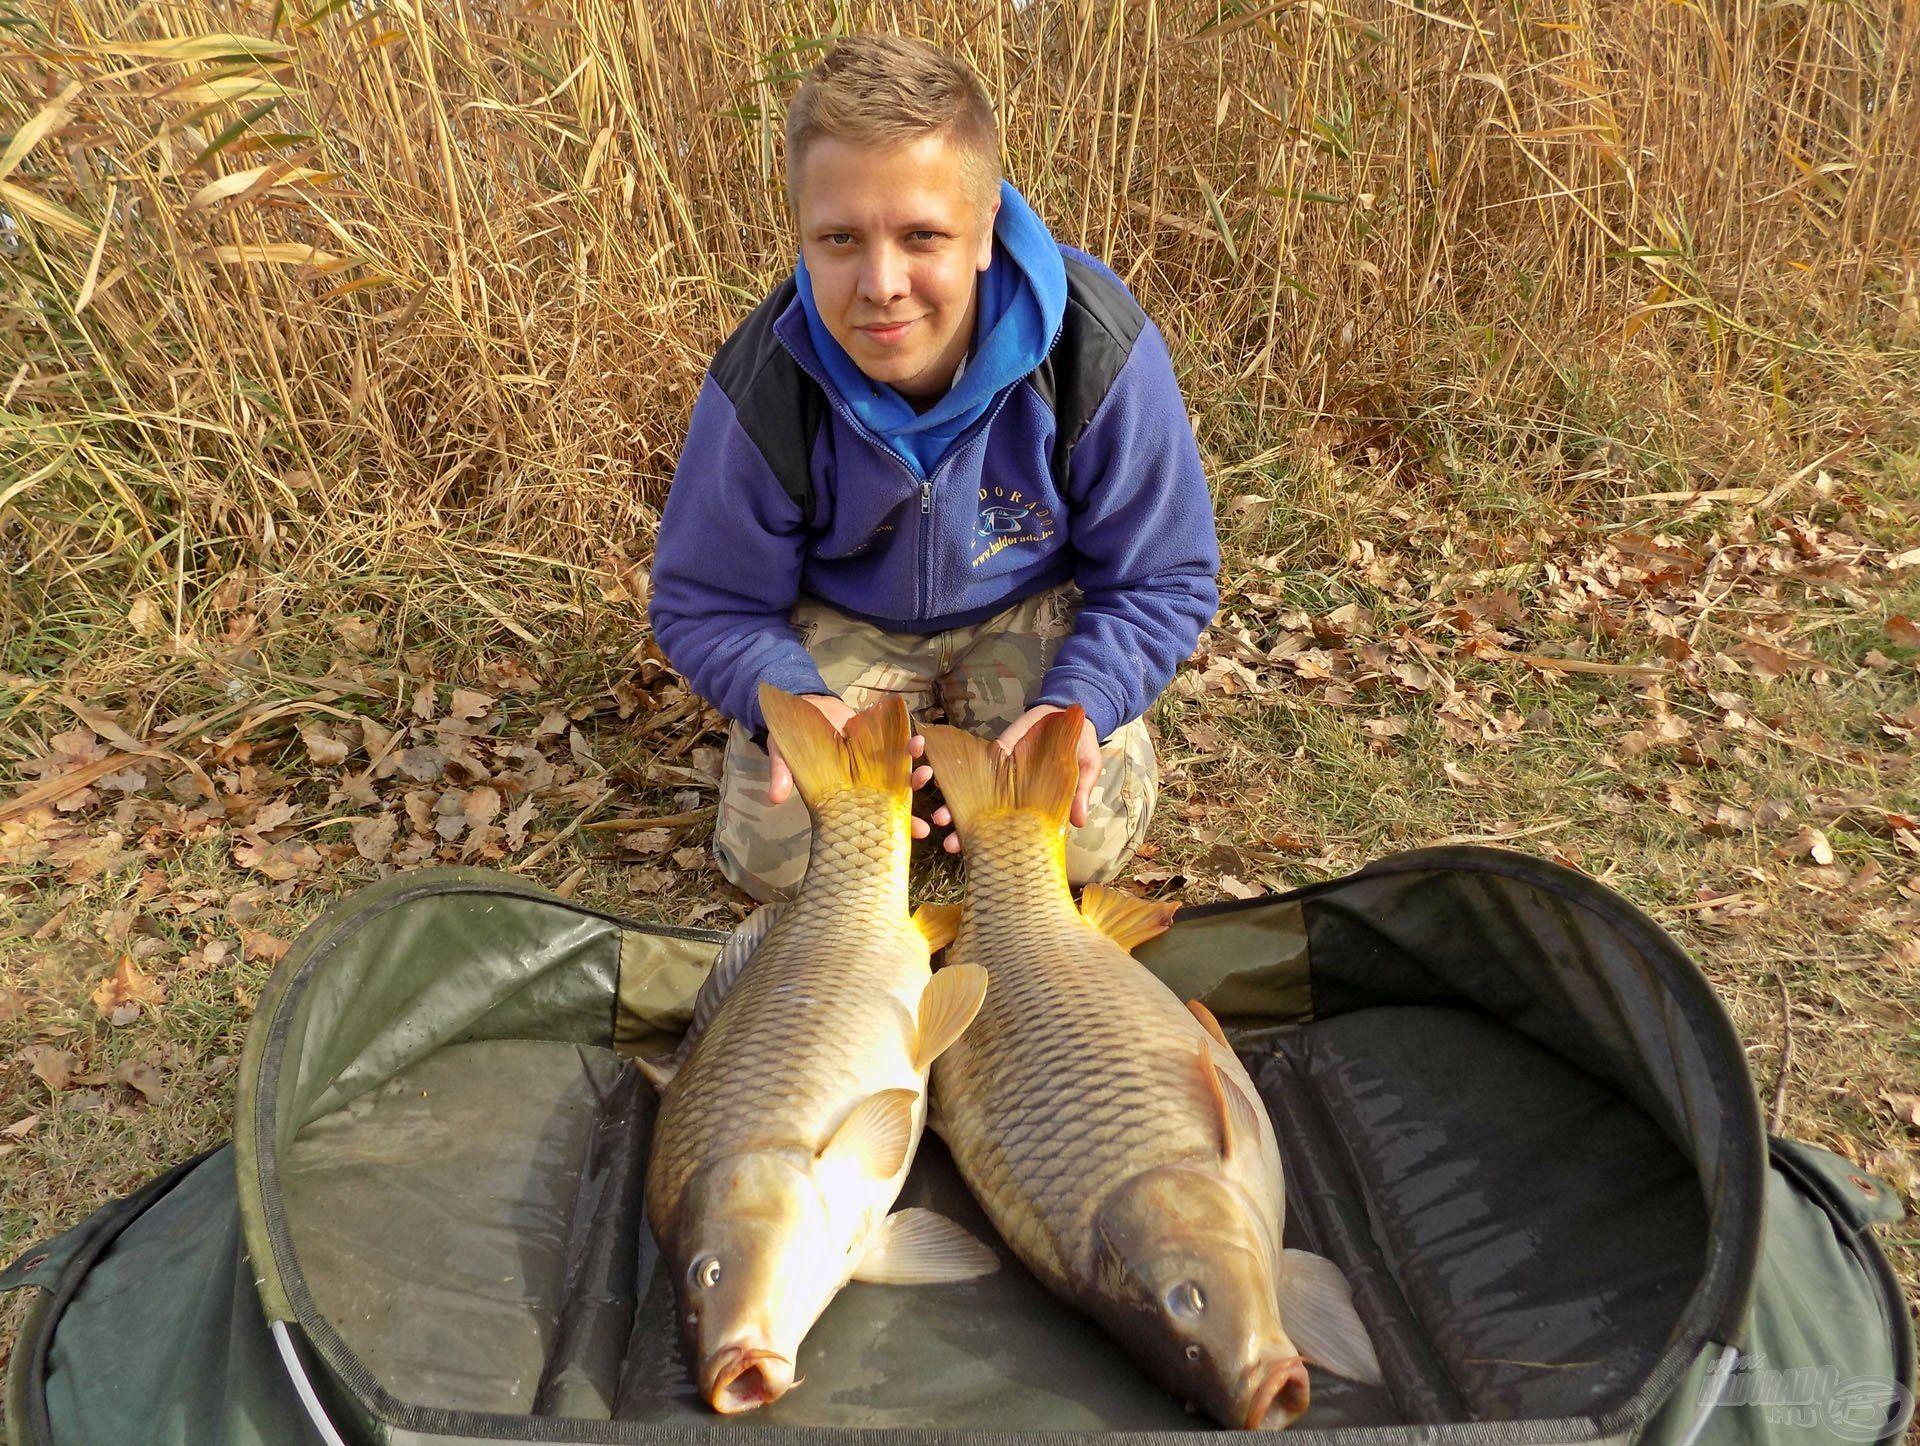 Hasonló eredményekben gazdag hideg vízi horgászatot kívánok az Olvasóknak!